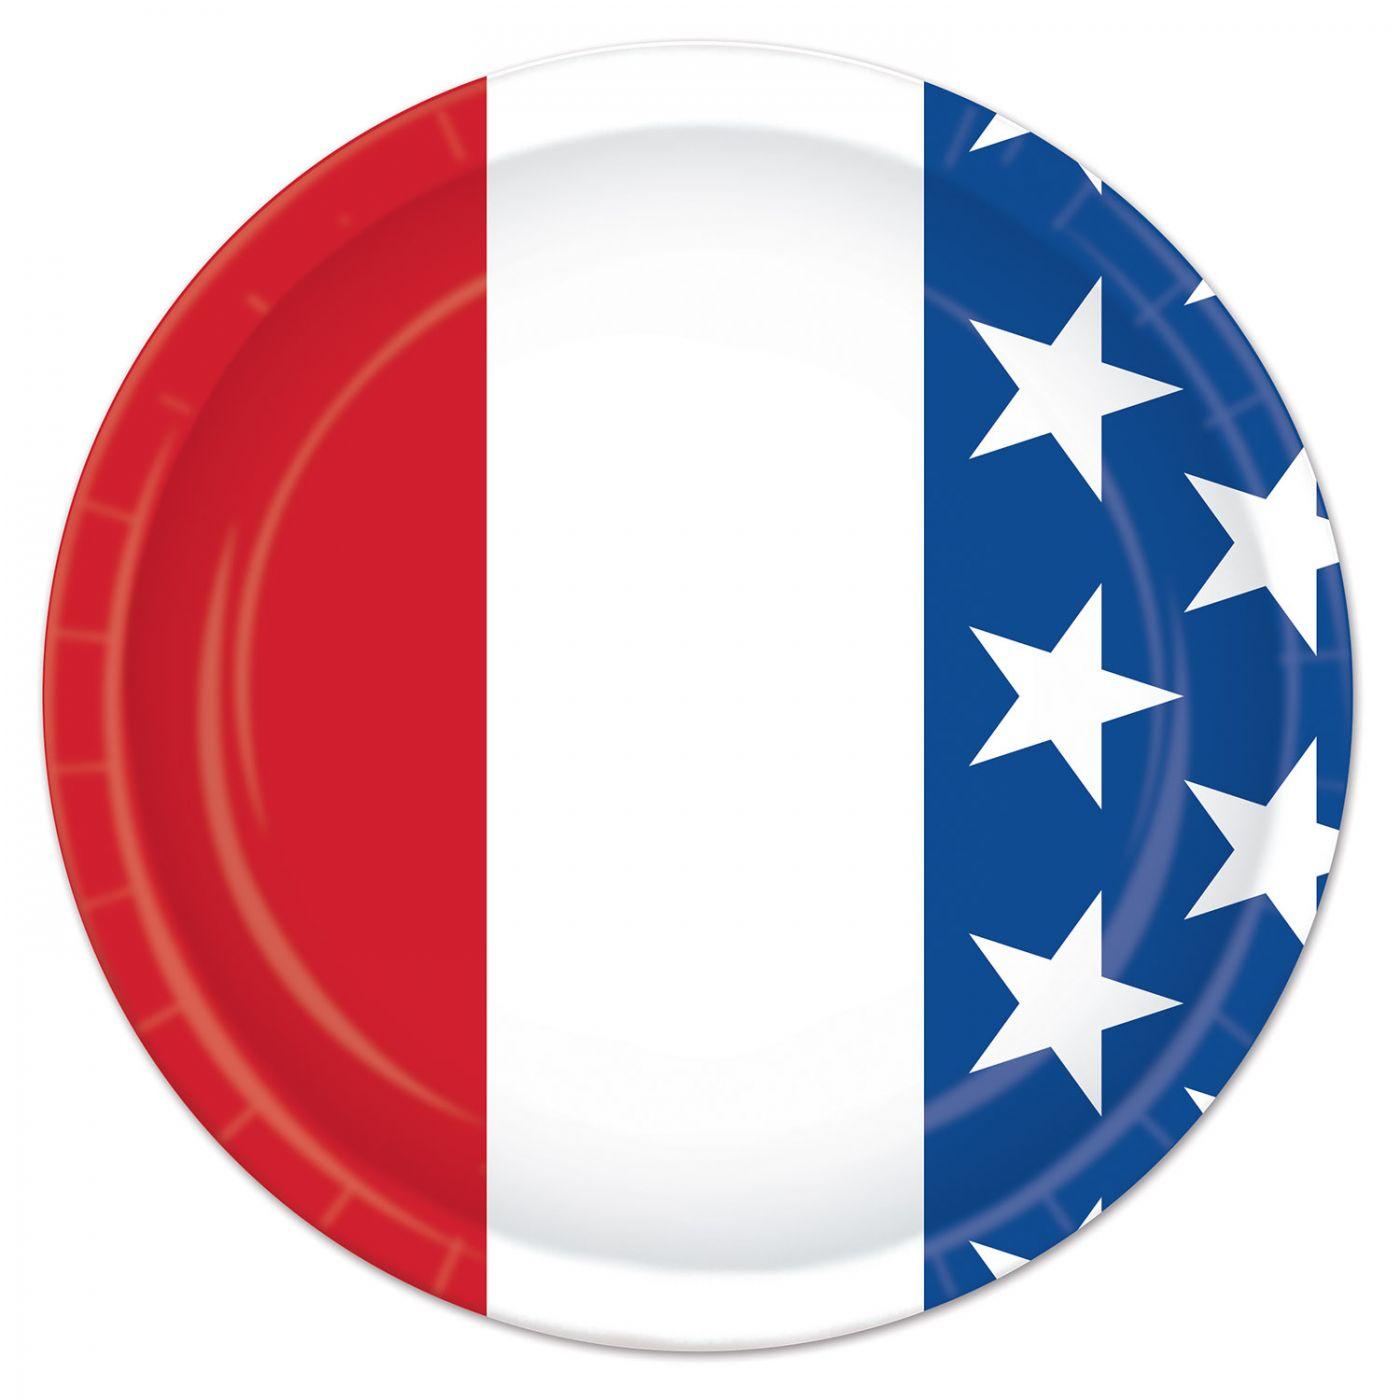 Patriotic Plates image